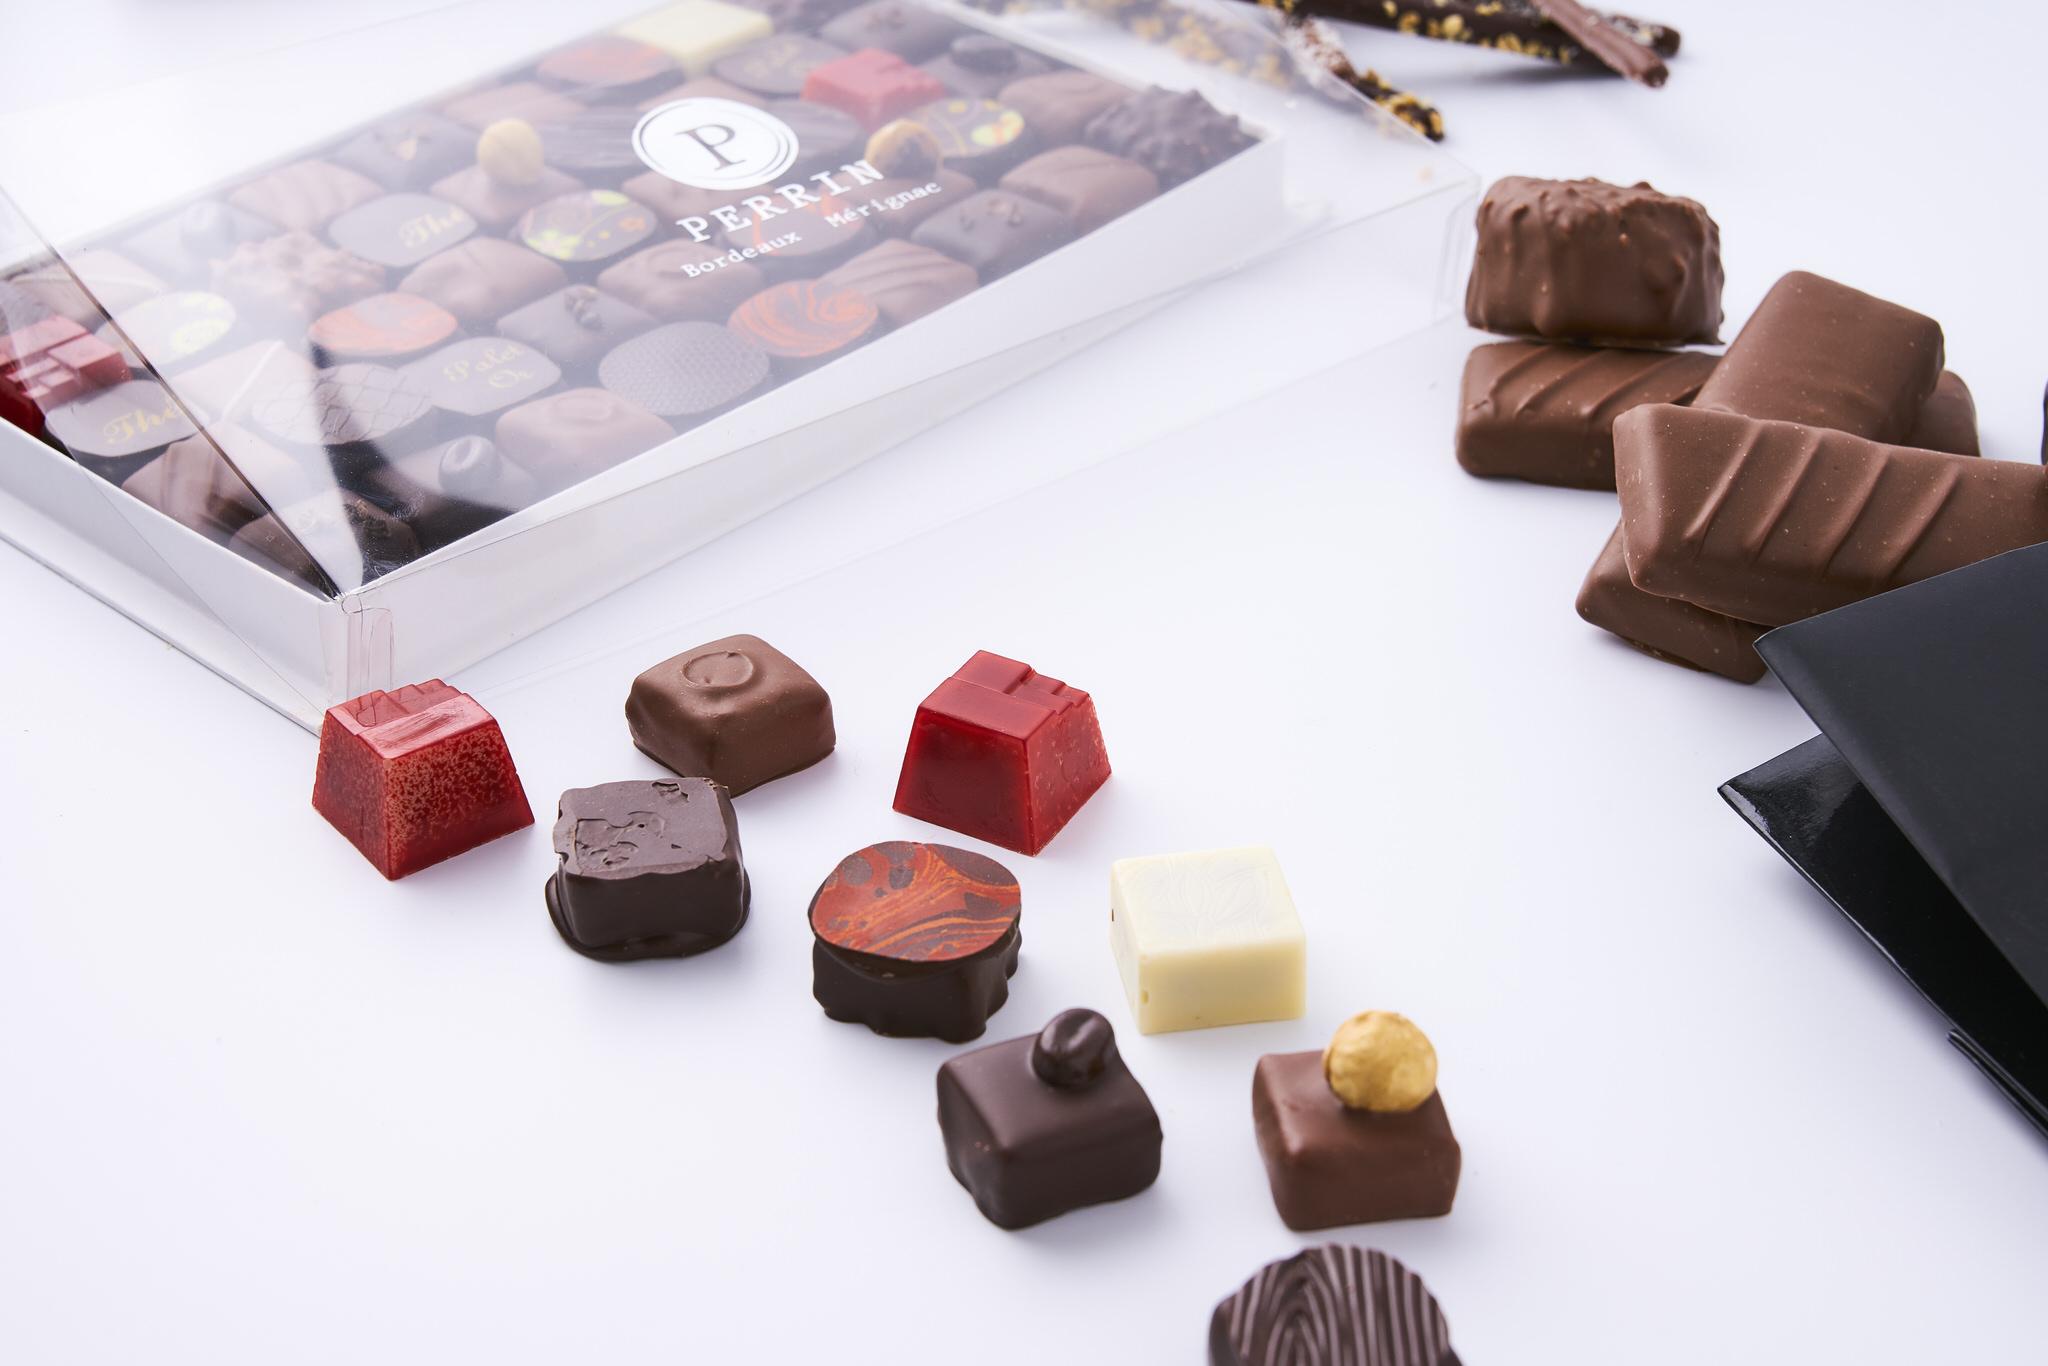 Photographe culinaire - Bordeaux - Chocolat - Thierry Pousset - Bordeaux - Photo commerciale